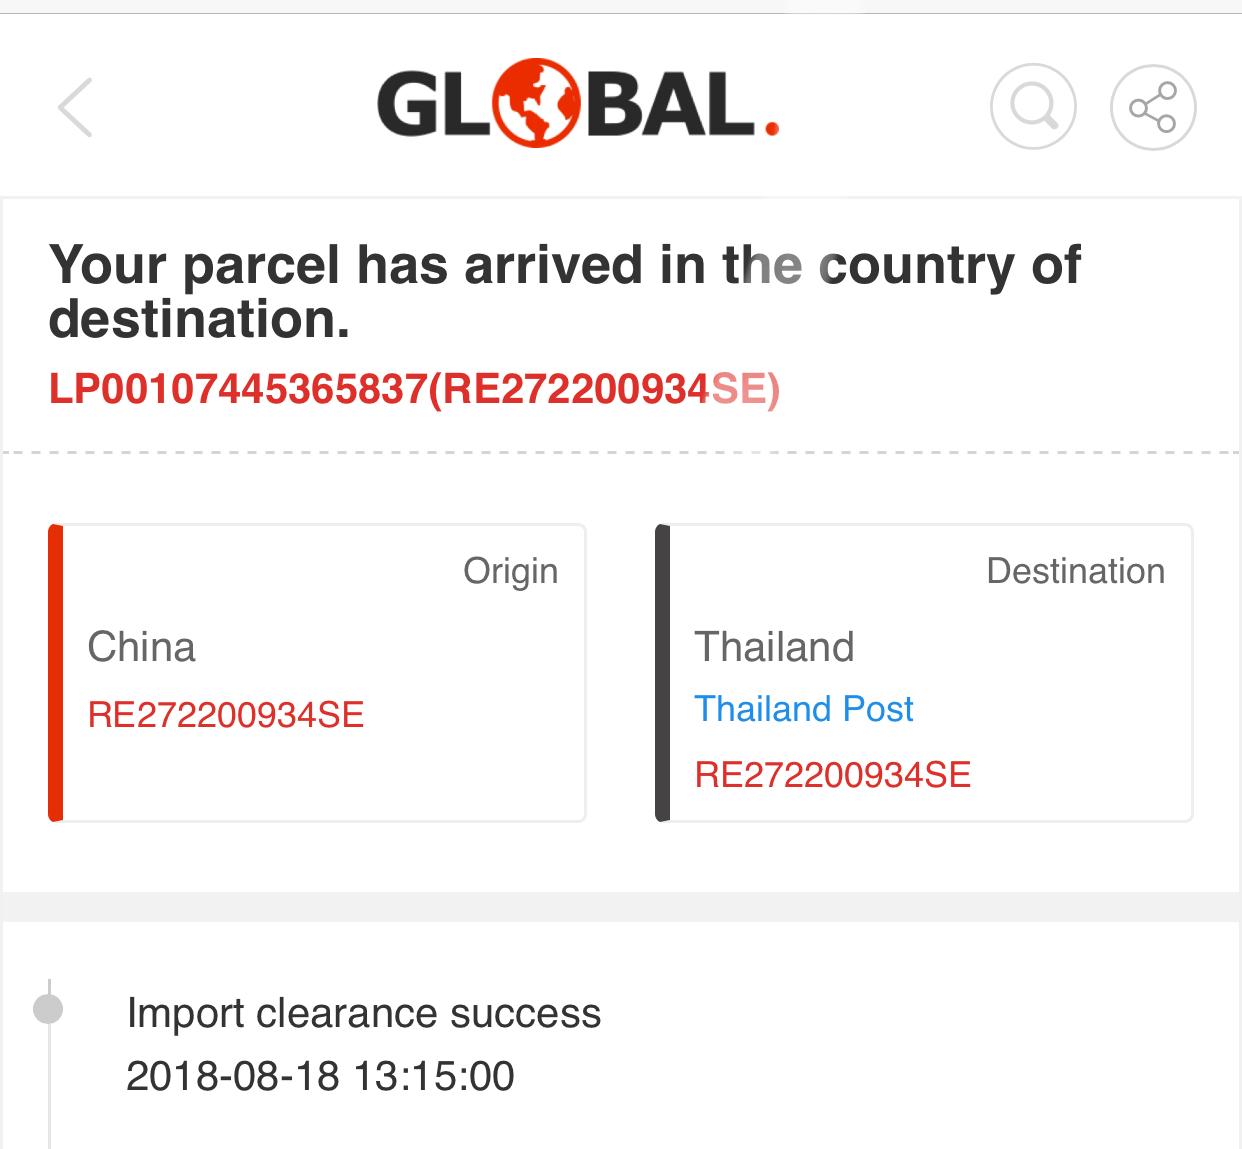 เช็คเลขพัสดุที่ซือกับ aliexpress มาถึงไทยแล้วต้องเช็คยังไง